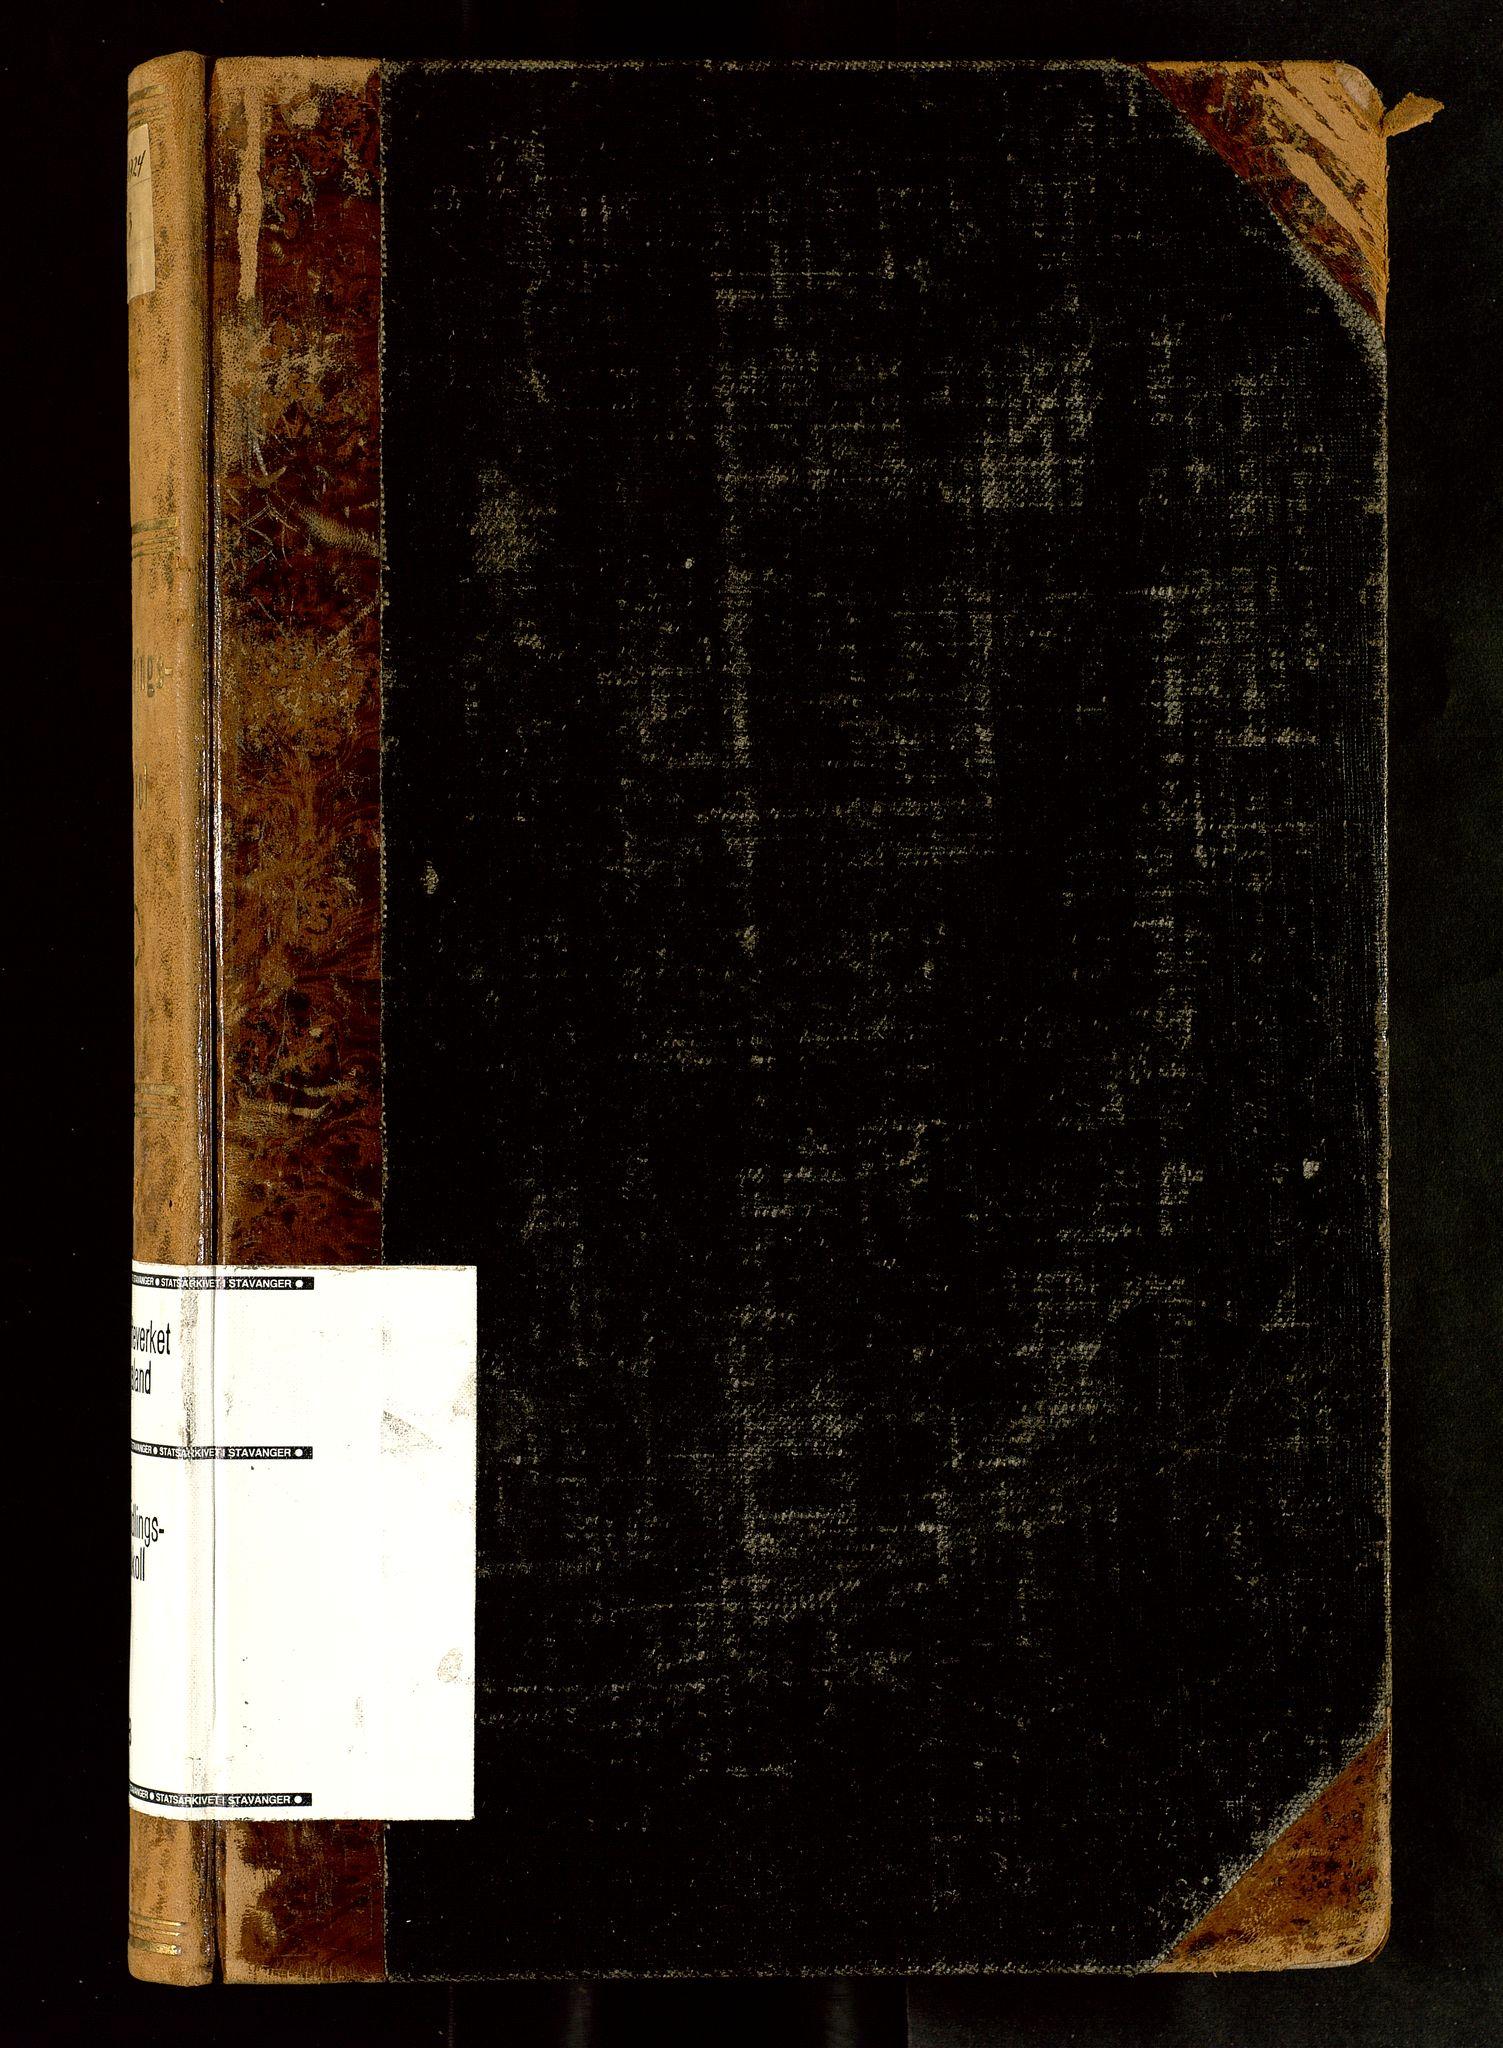 SAST, Rogaland jordskifterett, Oa/L0078: Forhandlingsprotokoll, 1922-1924